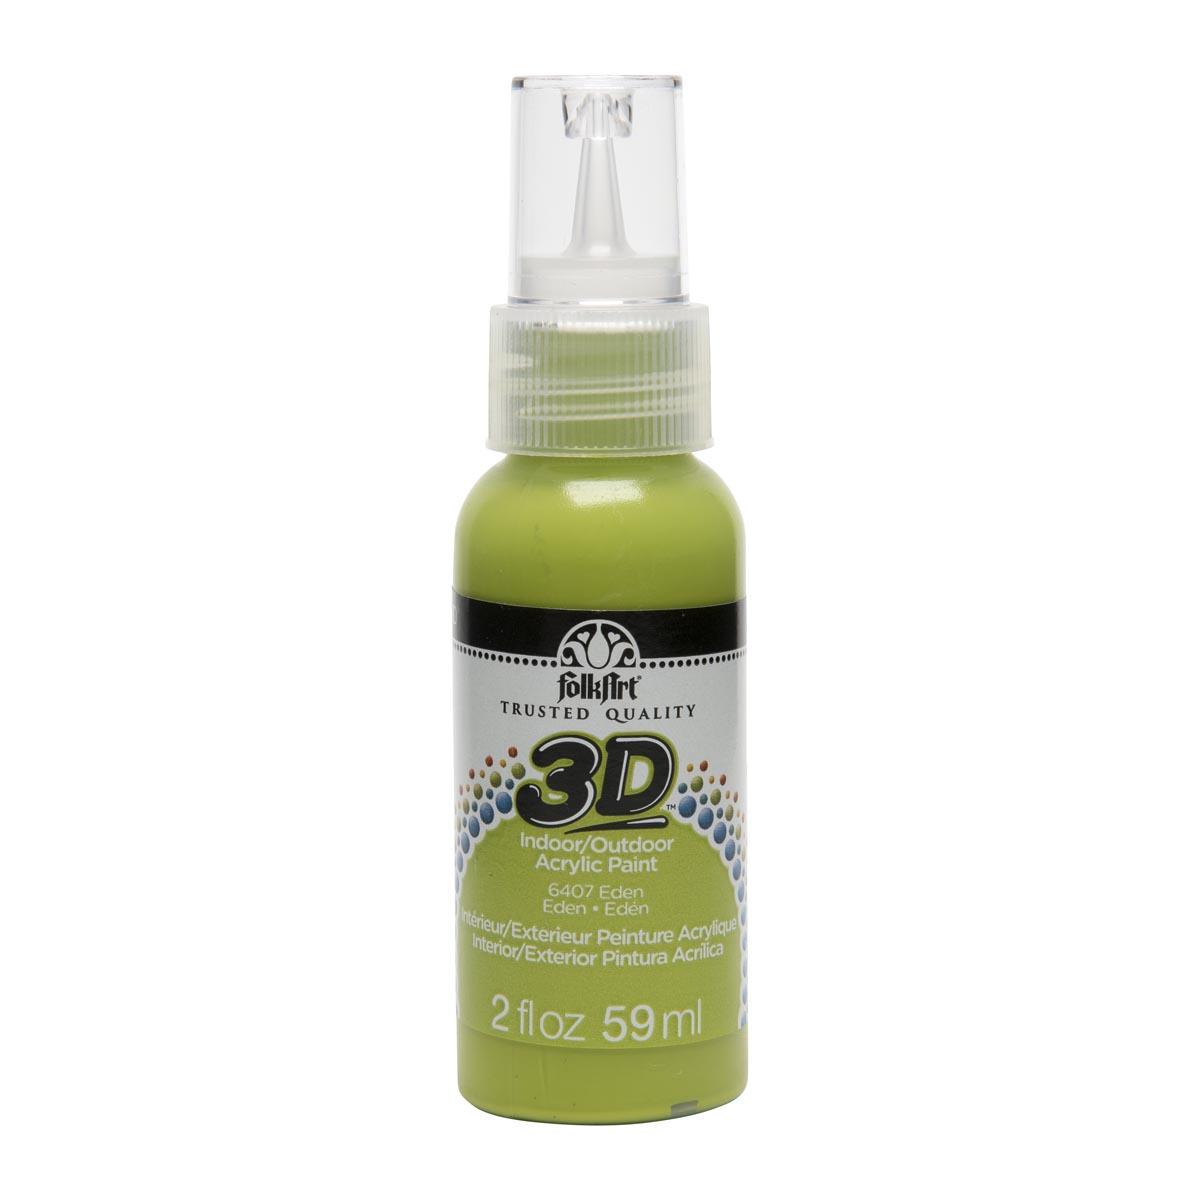 FolkArt ® 3D™ Acrylic Paint - Eden, 2 oz.